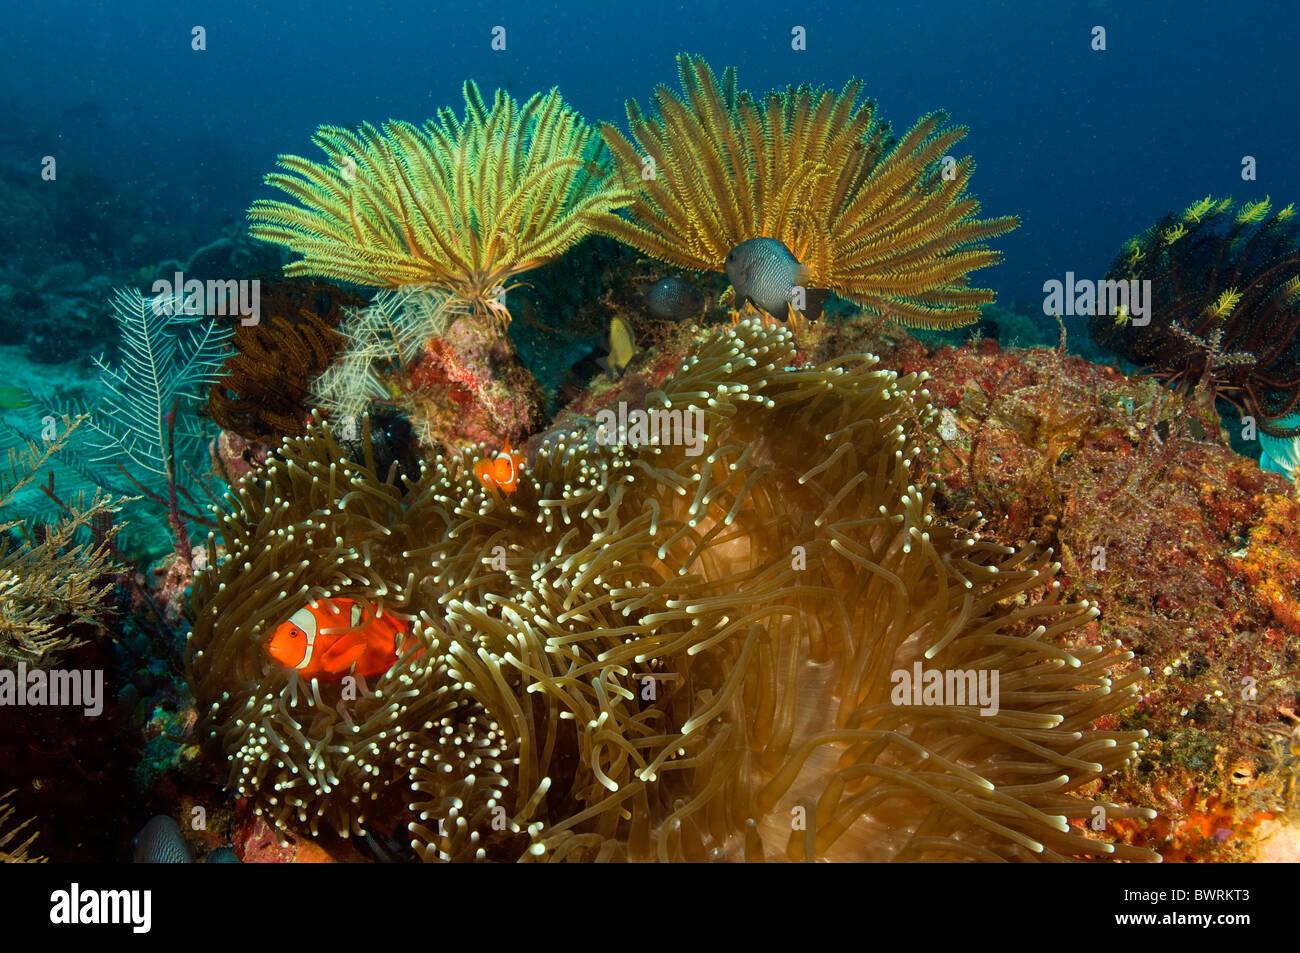 Coral reef scena e colonna vertebrale guancia anemonefishes Raja Ampat Indonesia Immagini Stock